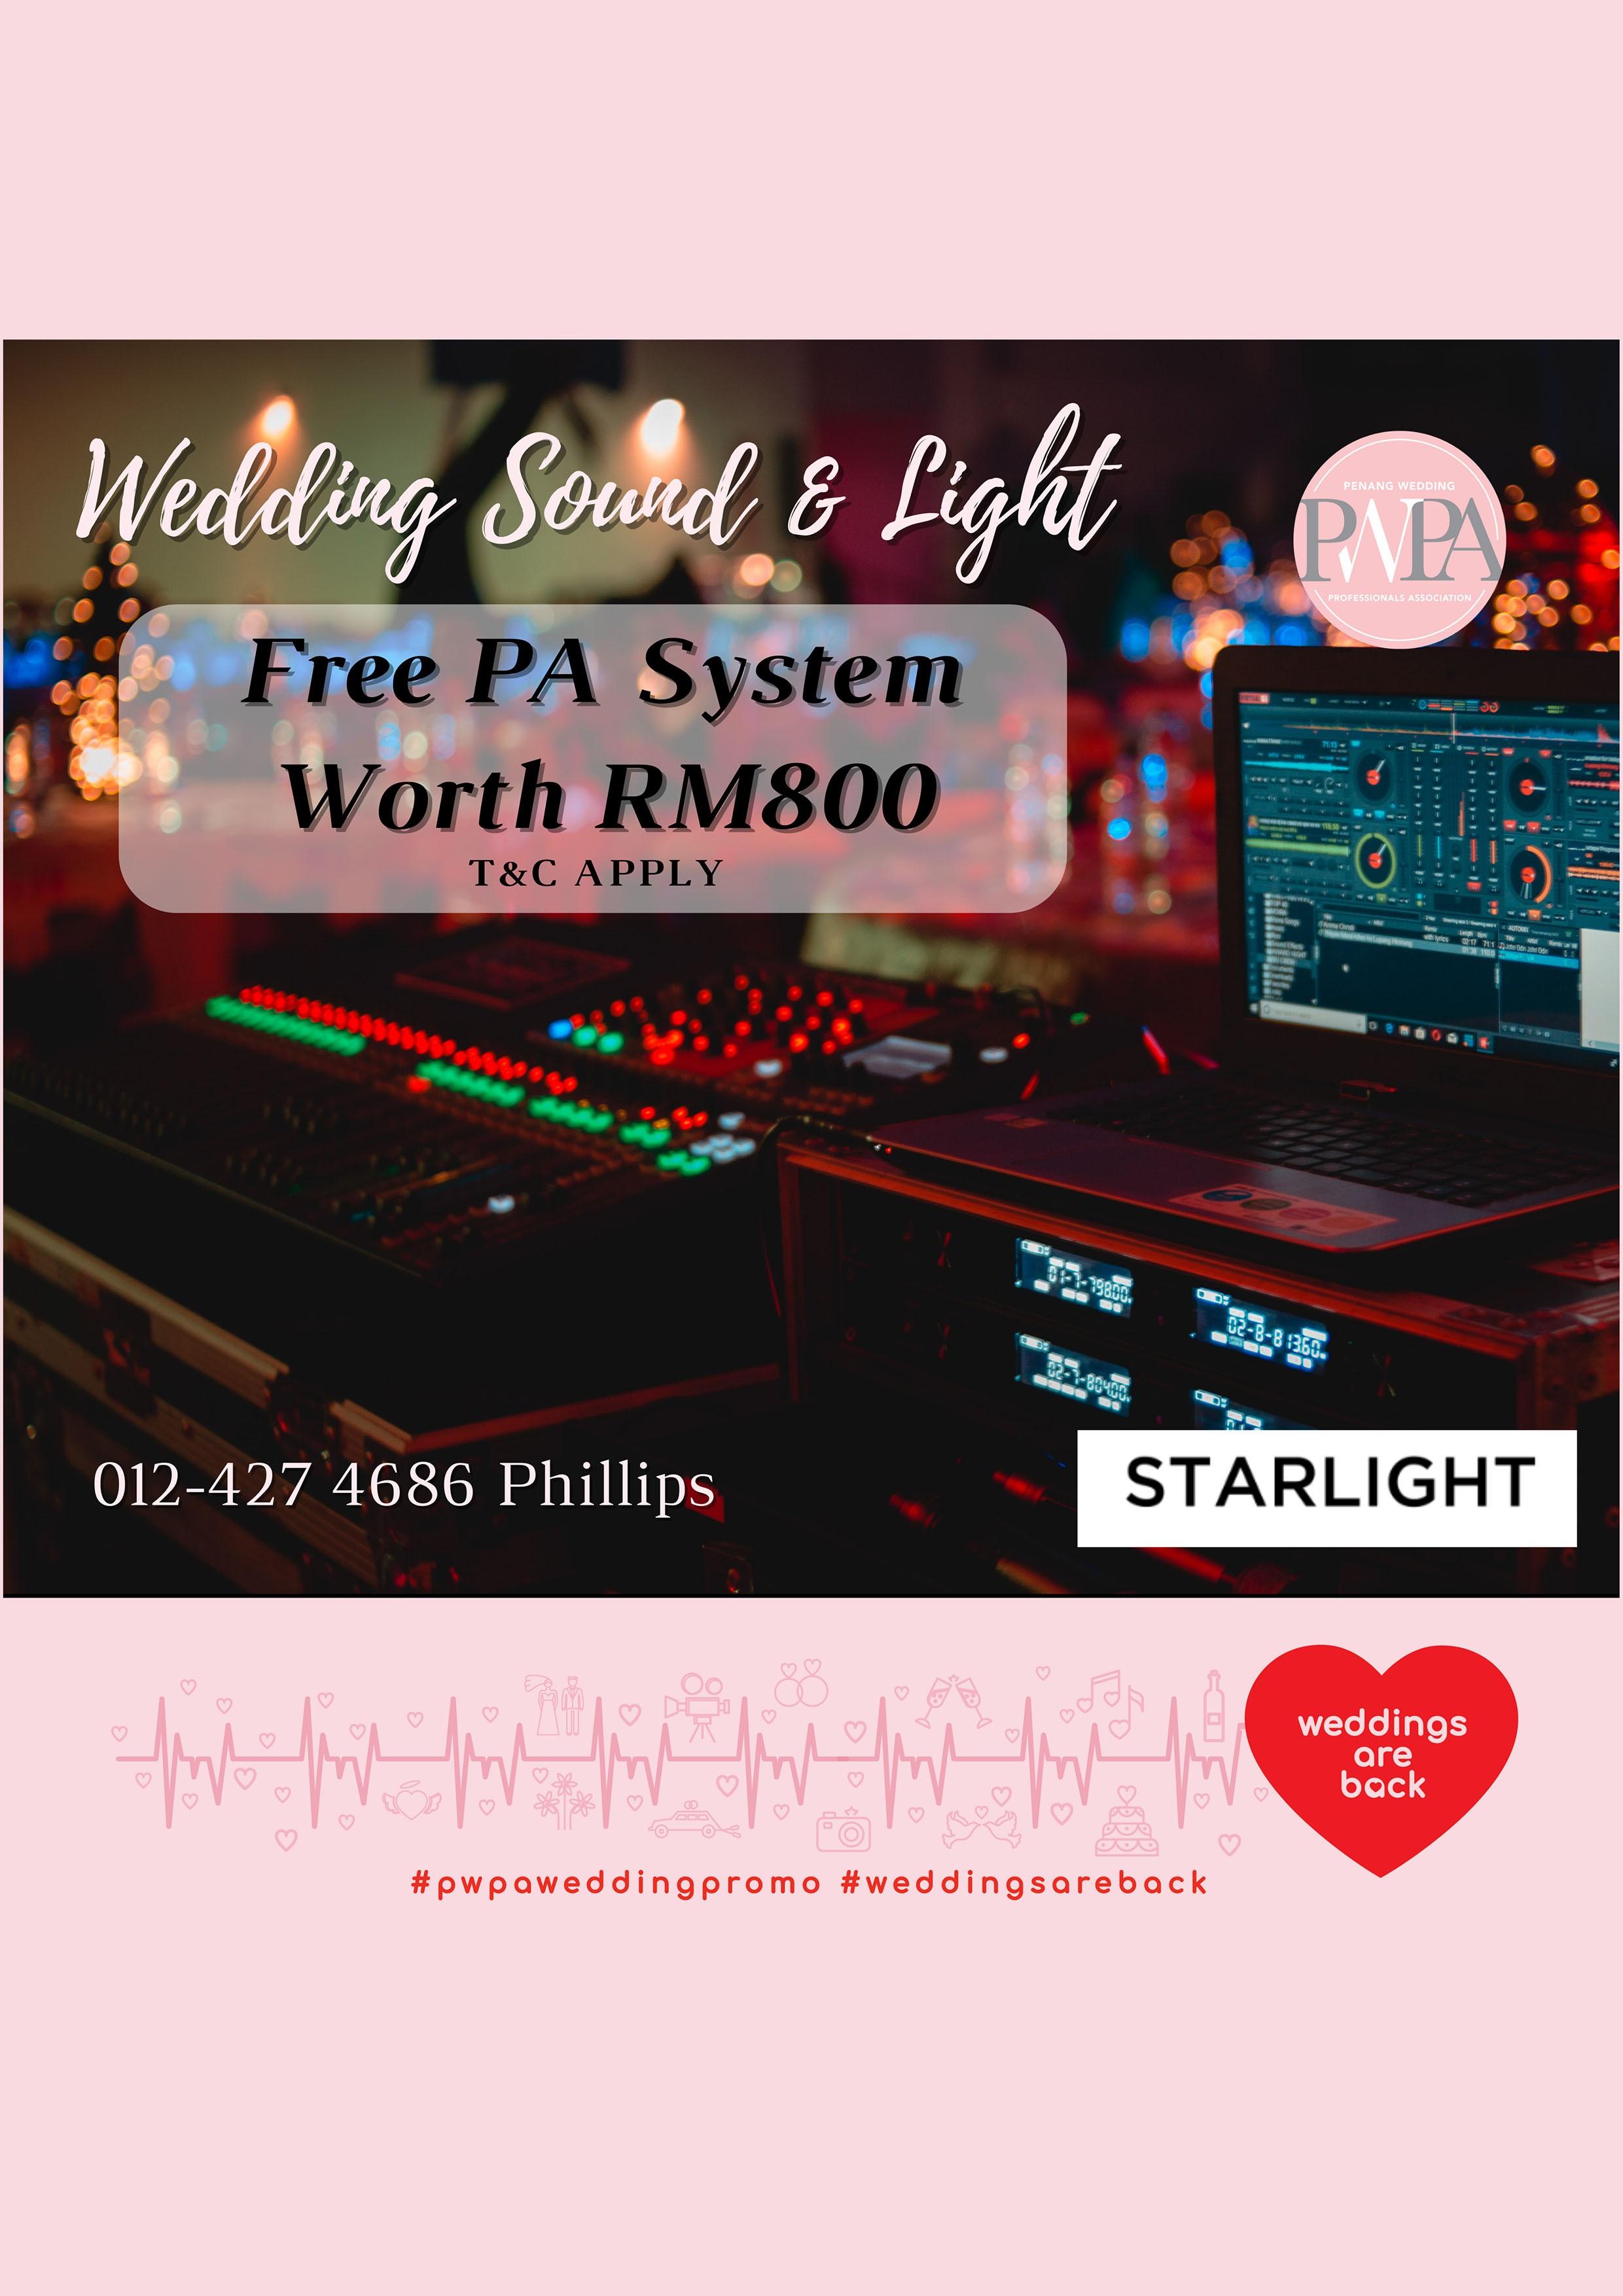 Starlight Entertainment